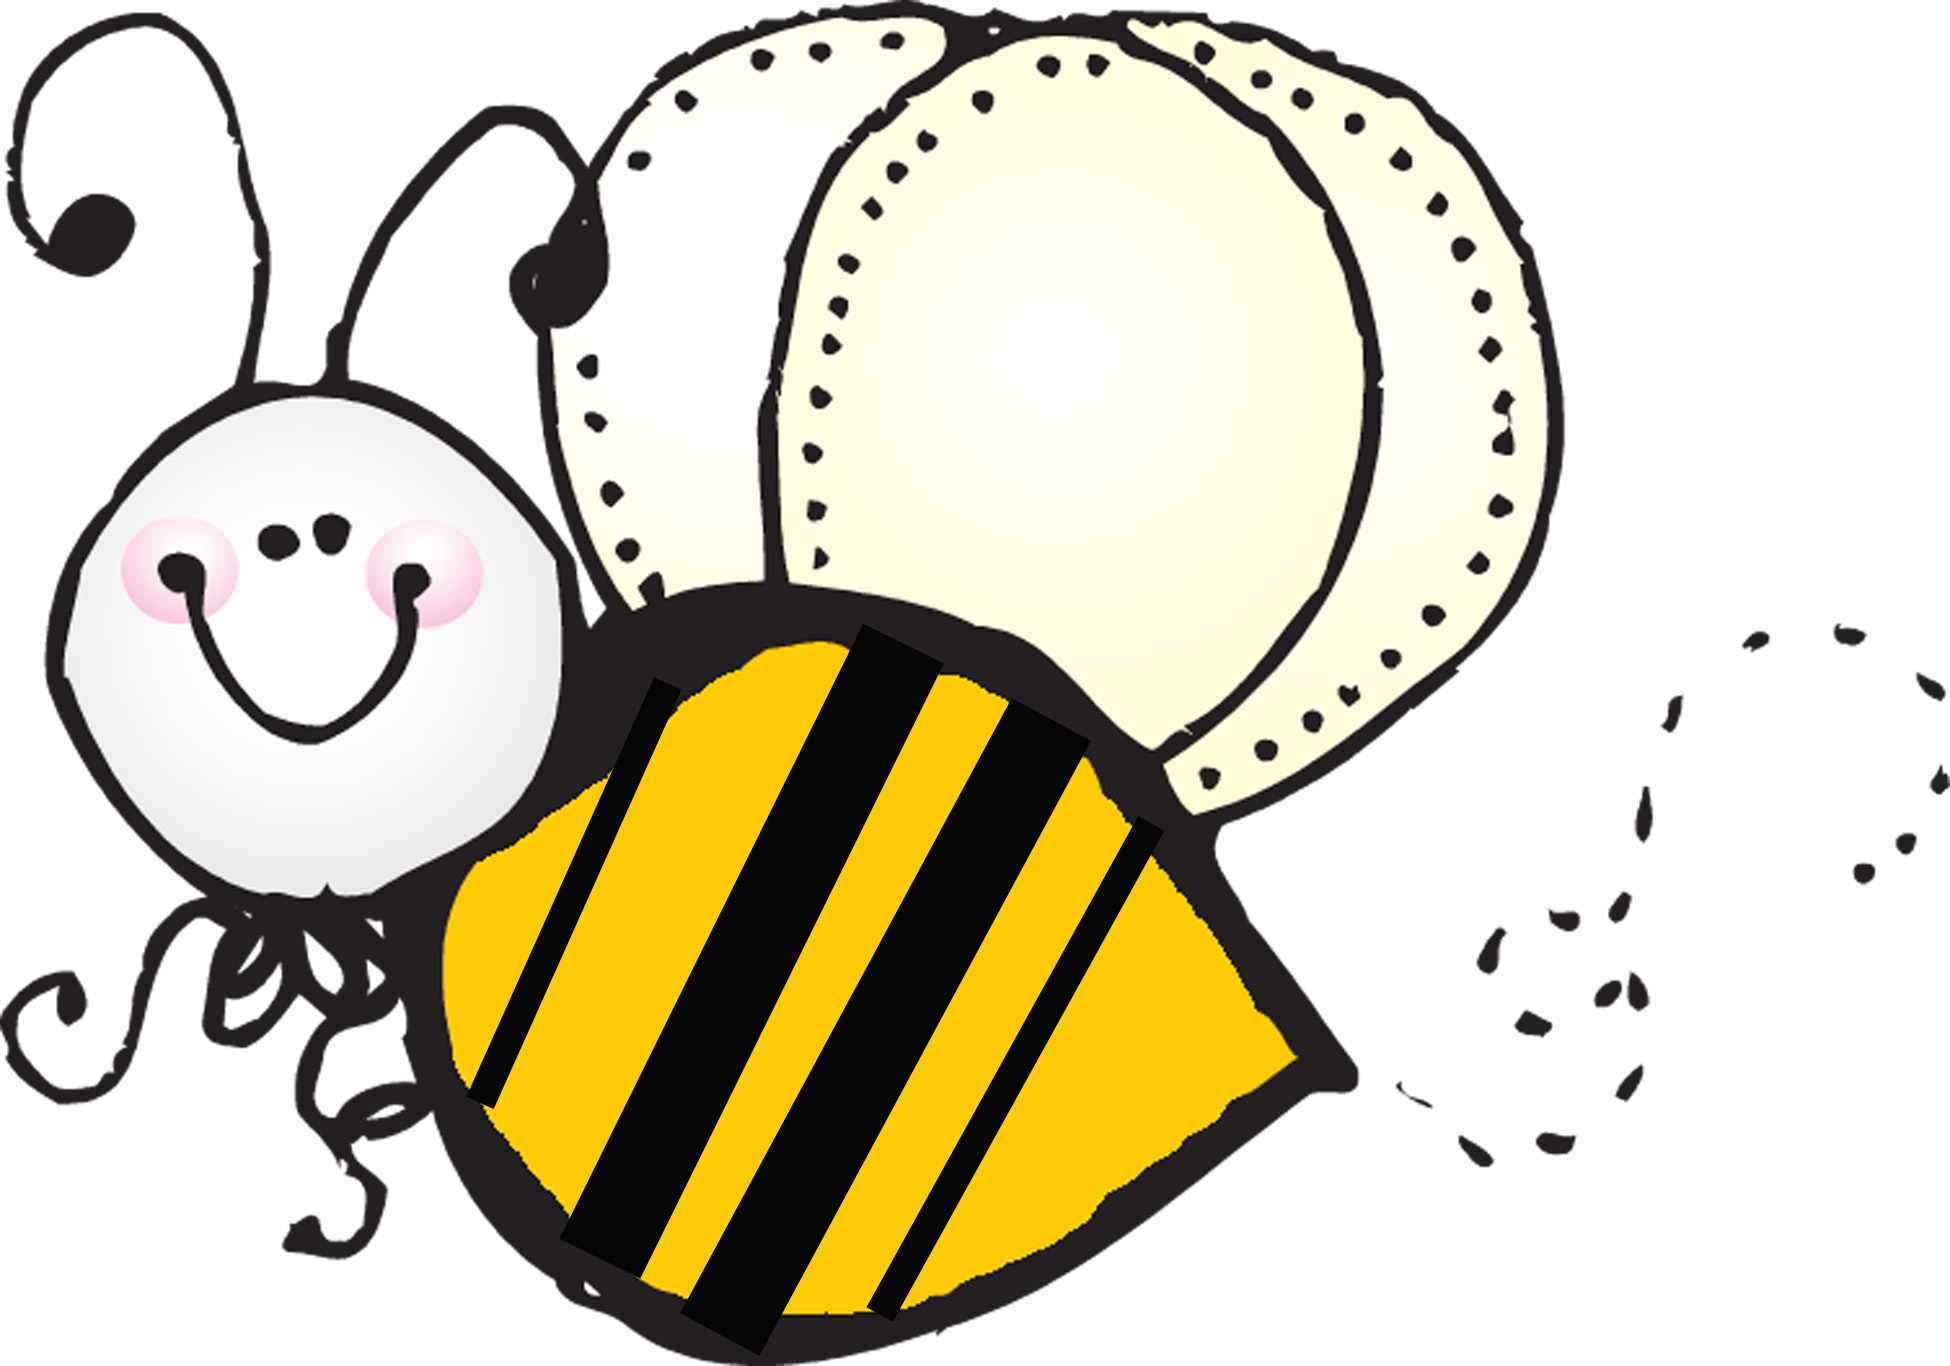 1950x1366 Top 75 Bee Clip Art